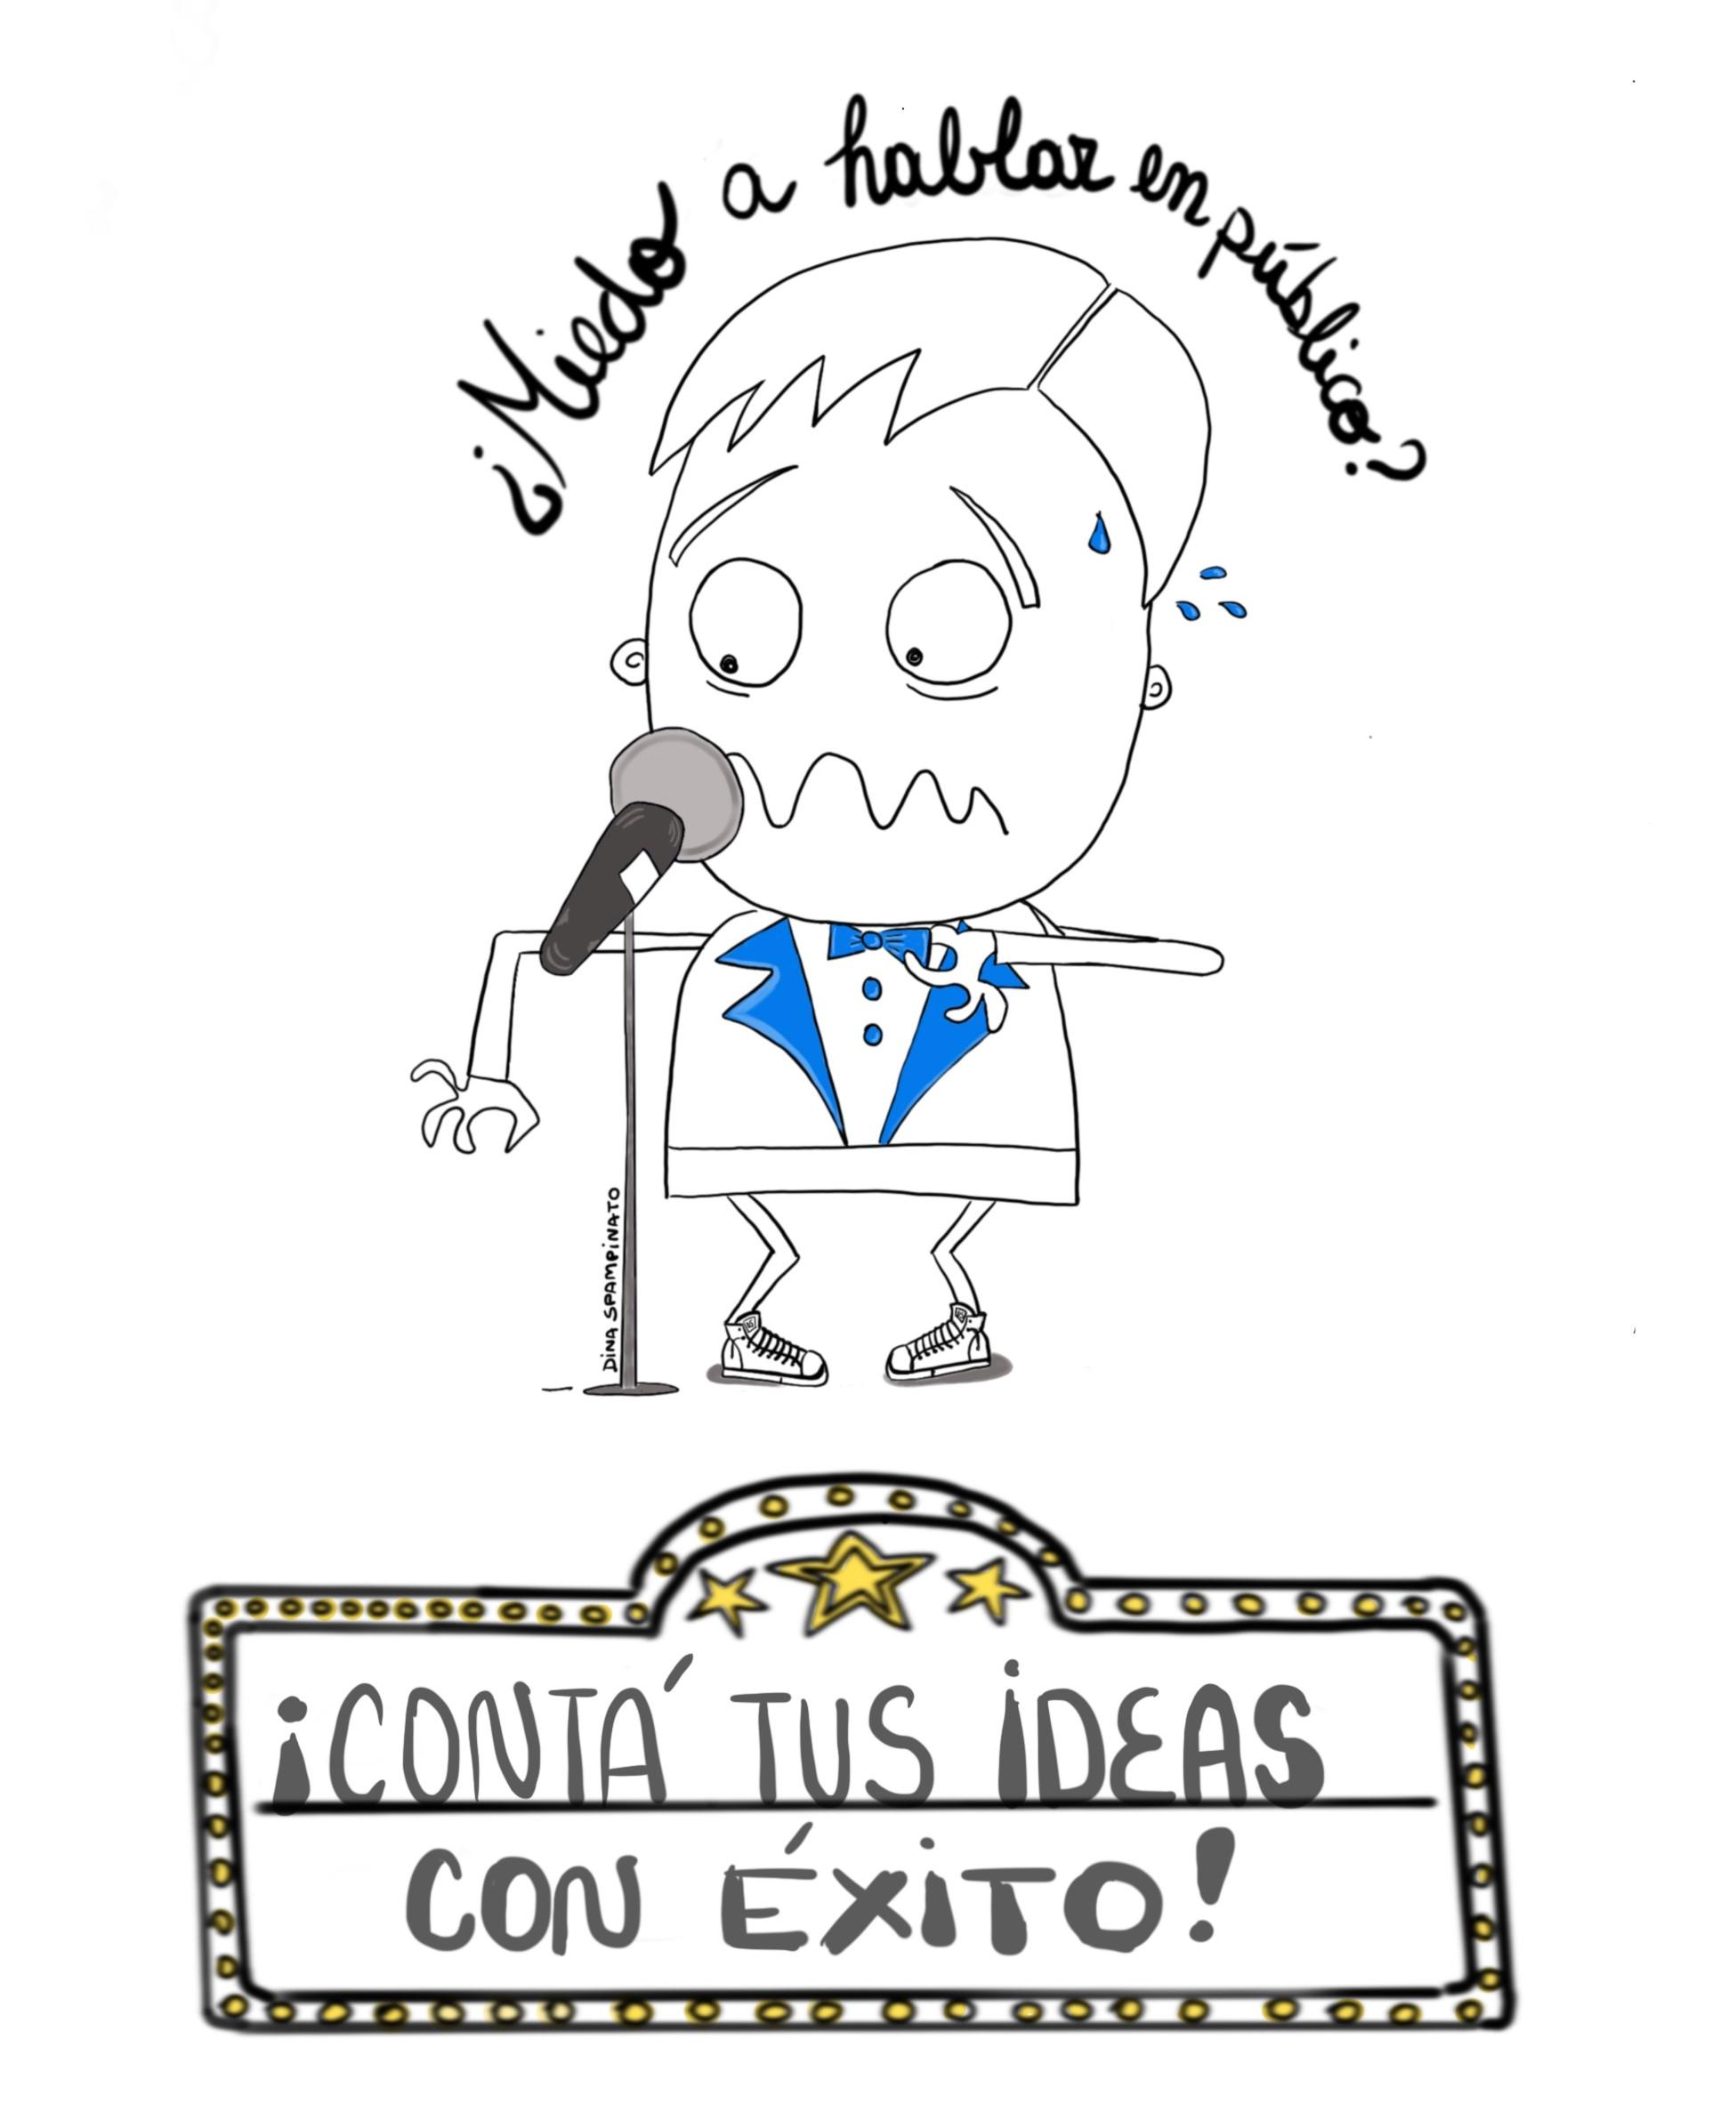 Oratoria_Miedo a hablar en publico_Dina Spampinato